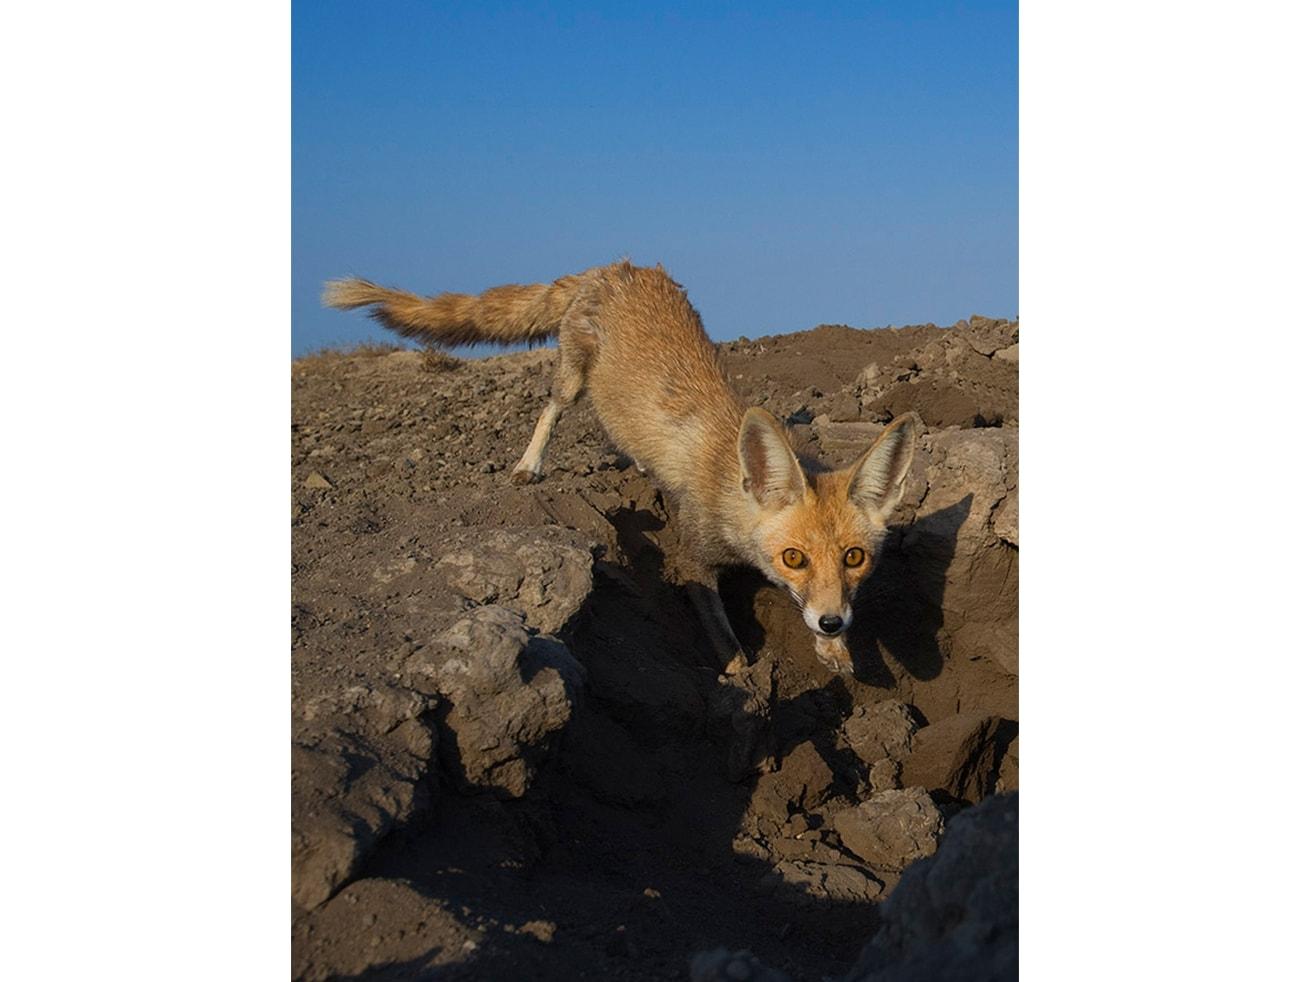 Desert foxes dig dens in the hard soil of desert scrubland, not in the sand.